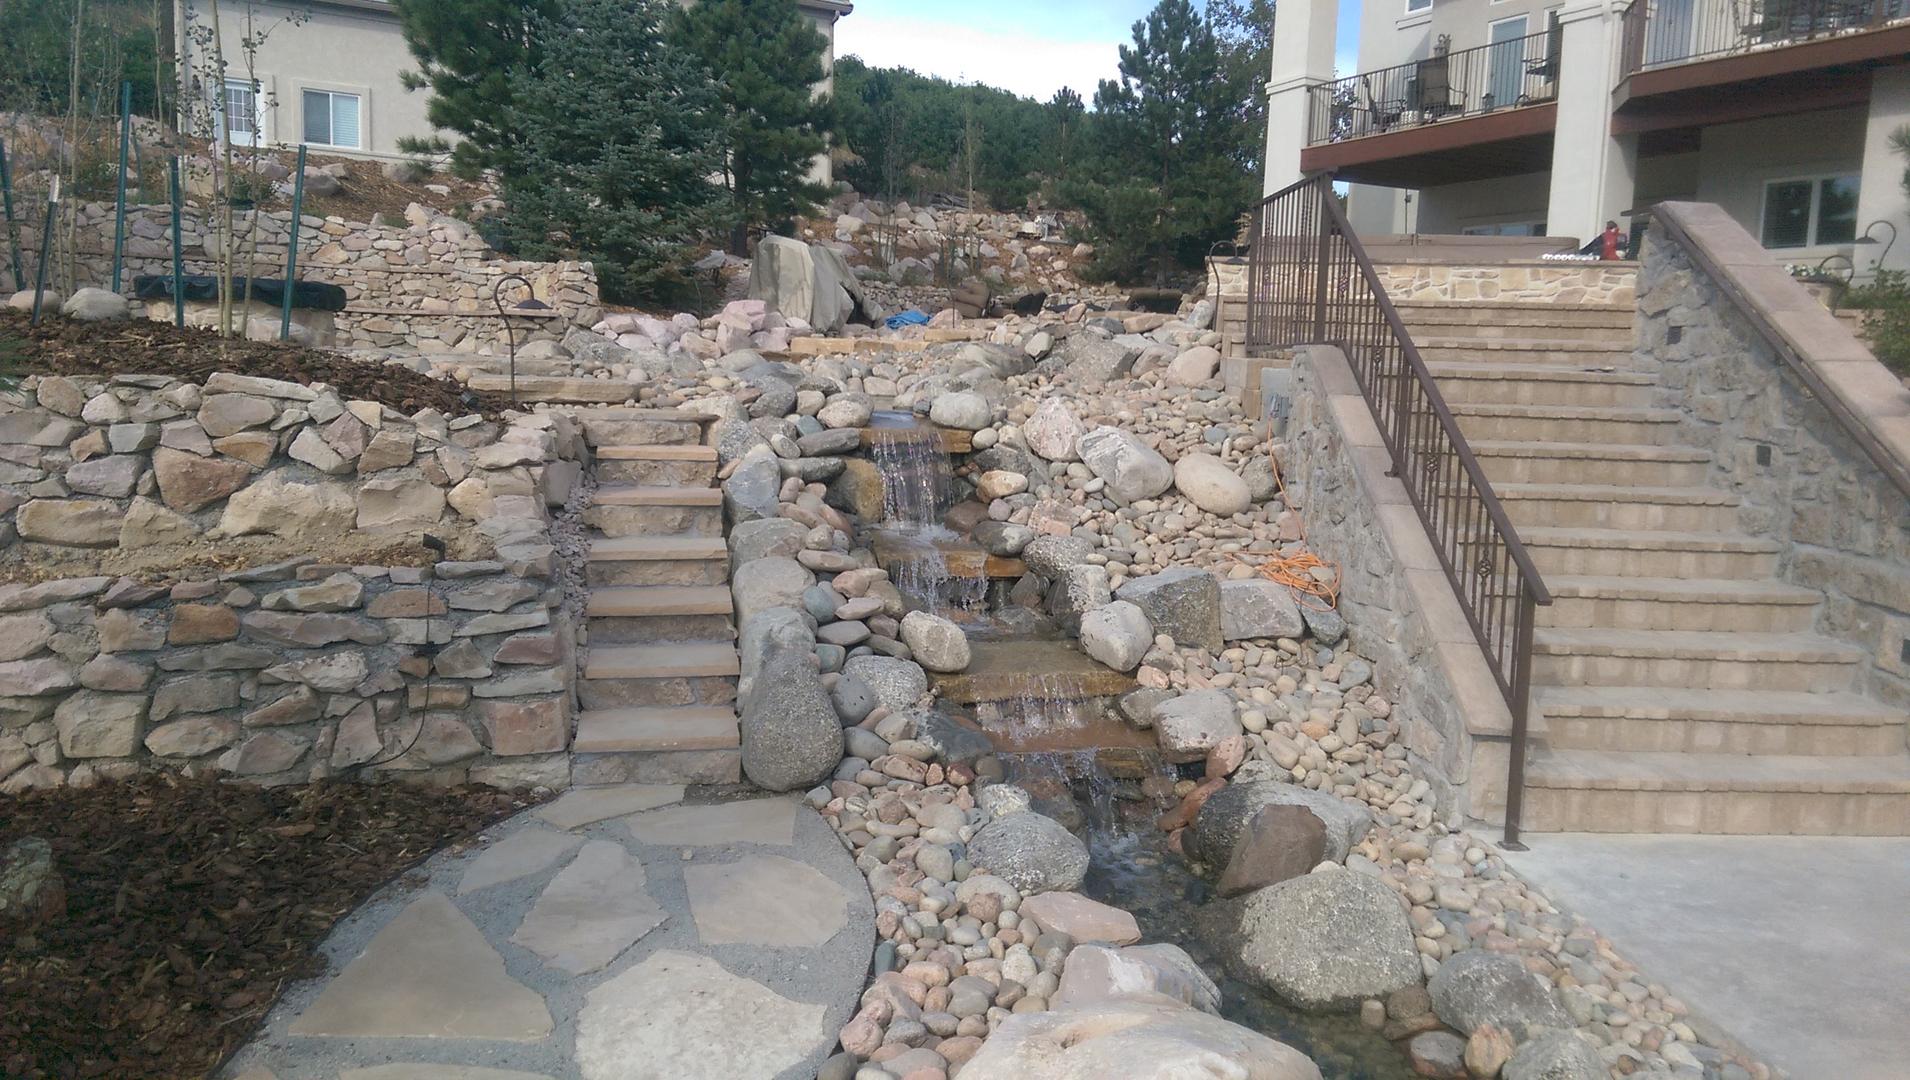 Colorado creative landscapes in colorado springs co 80922 for Creative landscapes